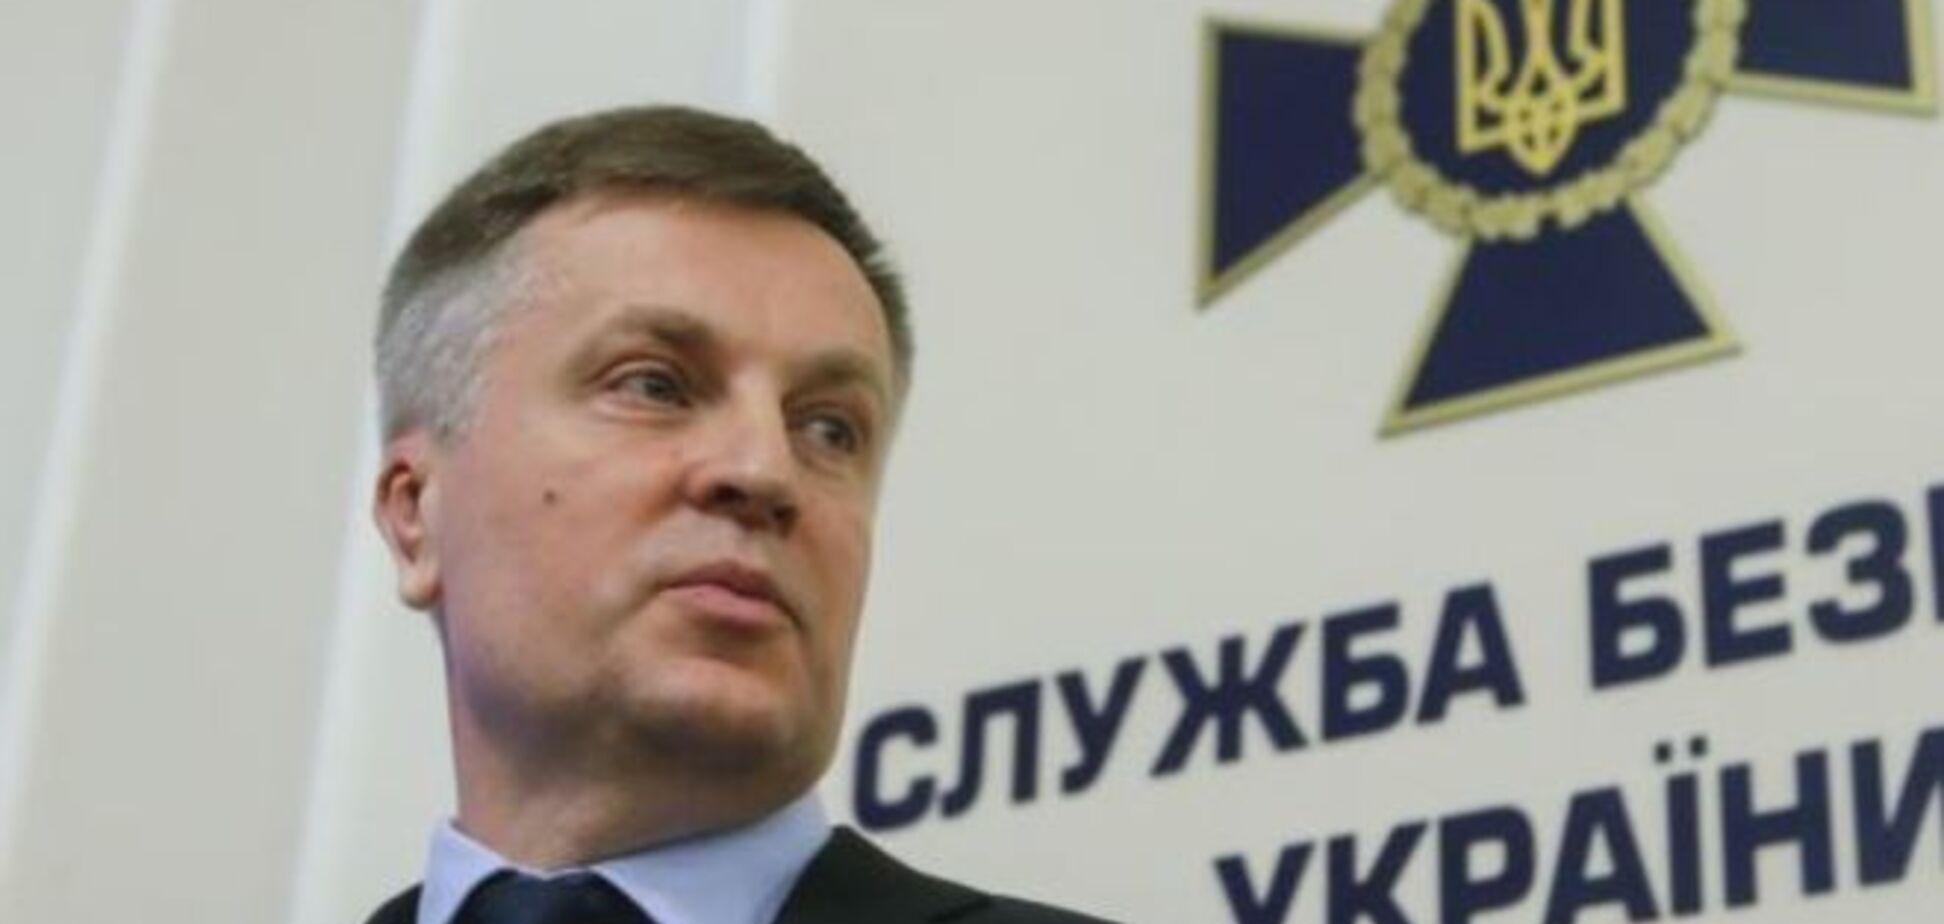 К коррупции на нефтебазе 'БРСМ-Нафта' причастен экс-заместитель Генпрокурора - Наливайченко